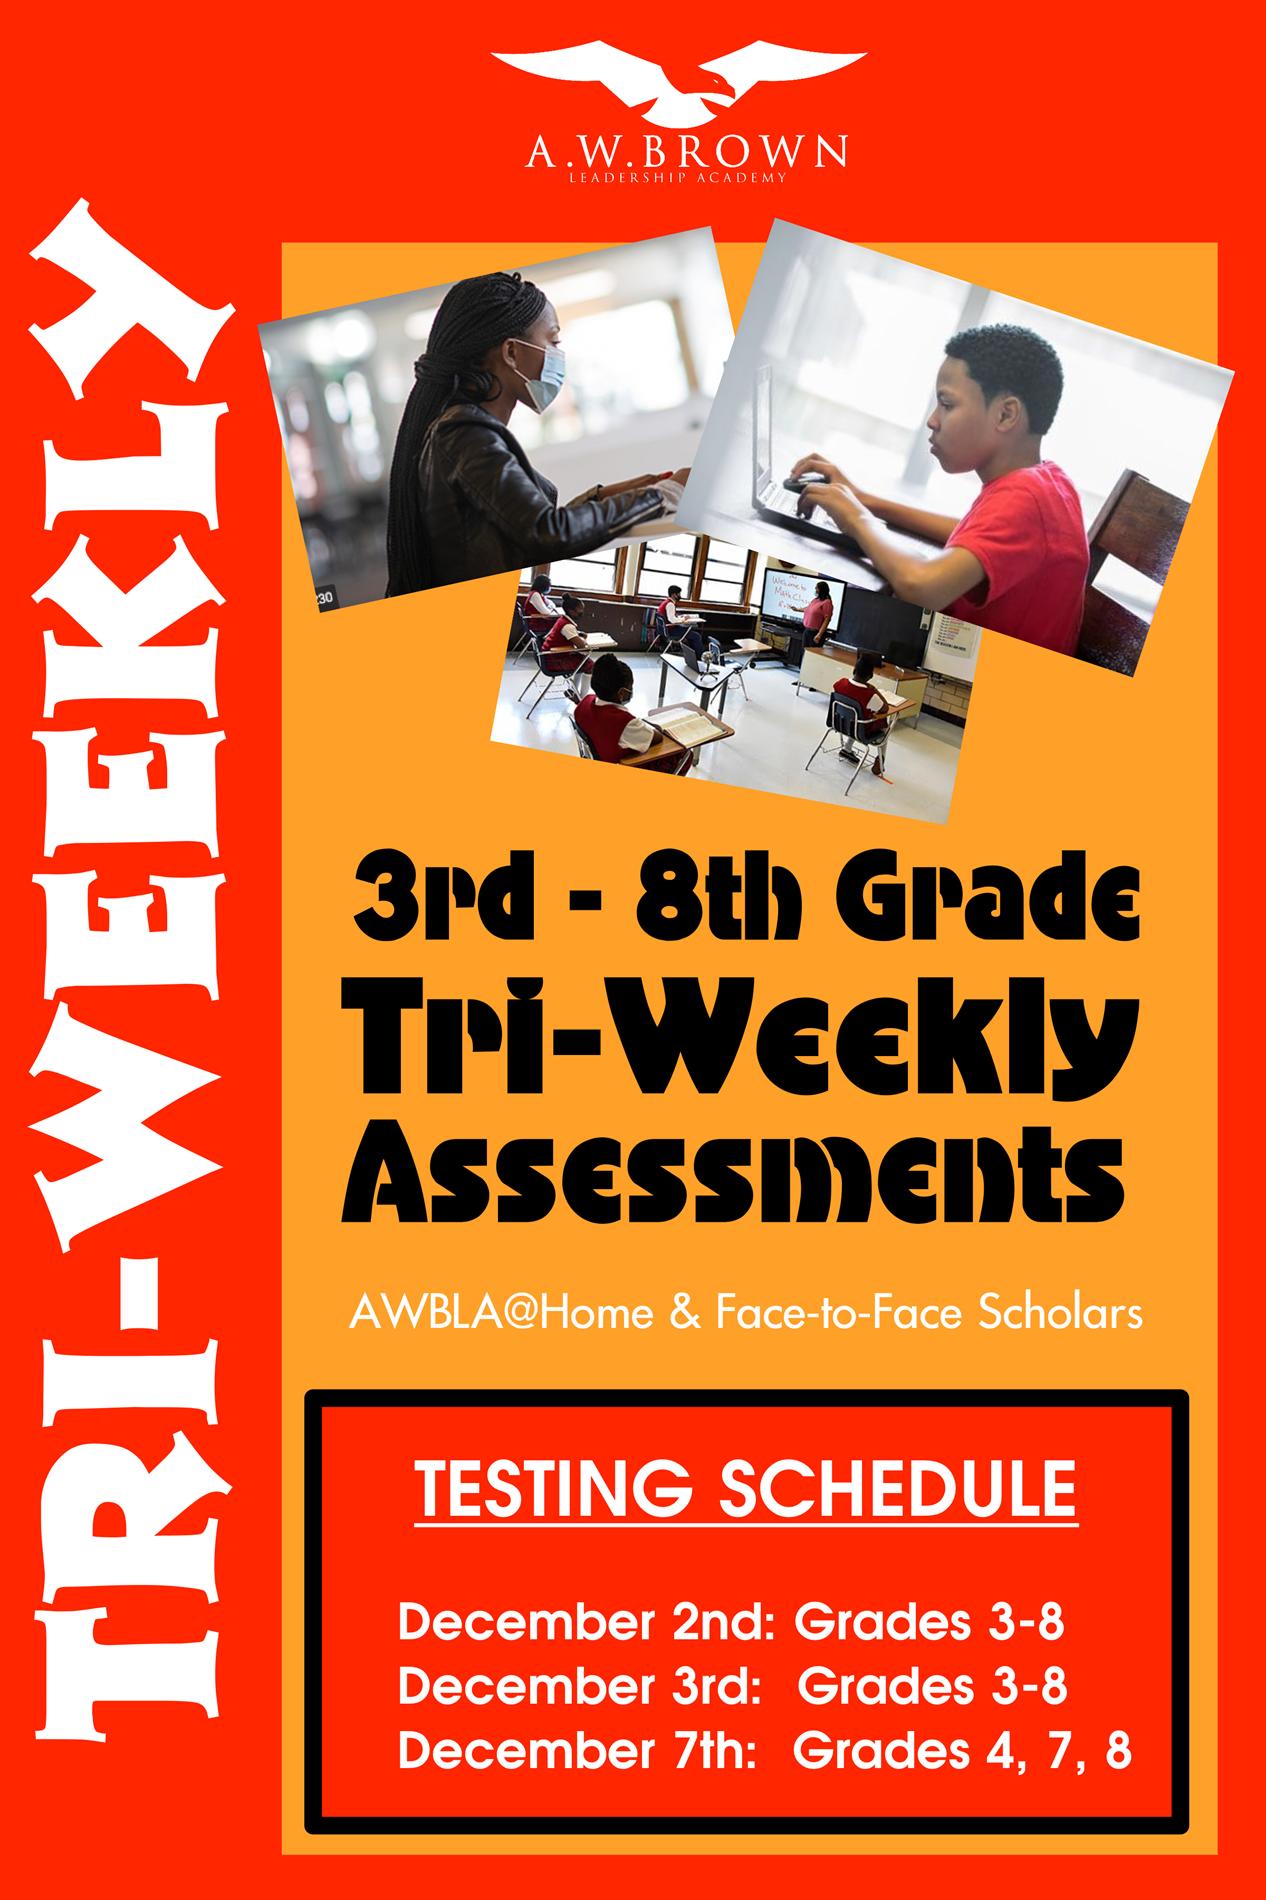 Tri - Weekly testing schedule